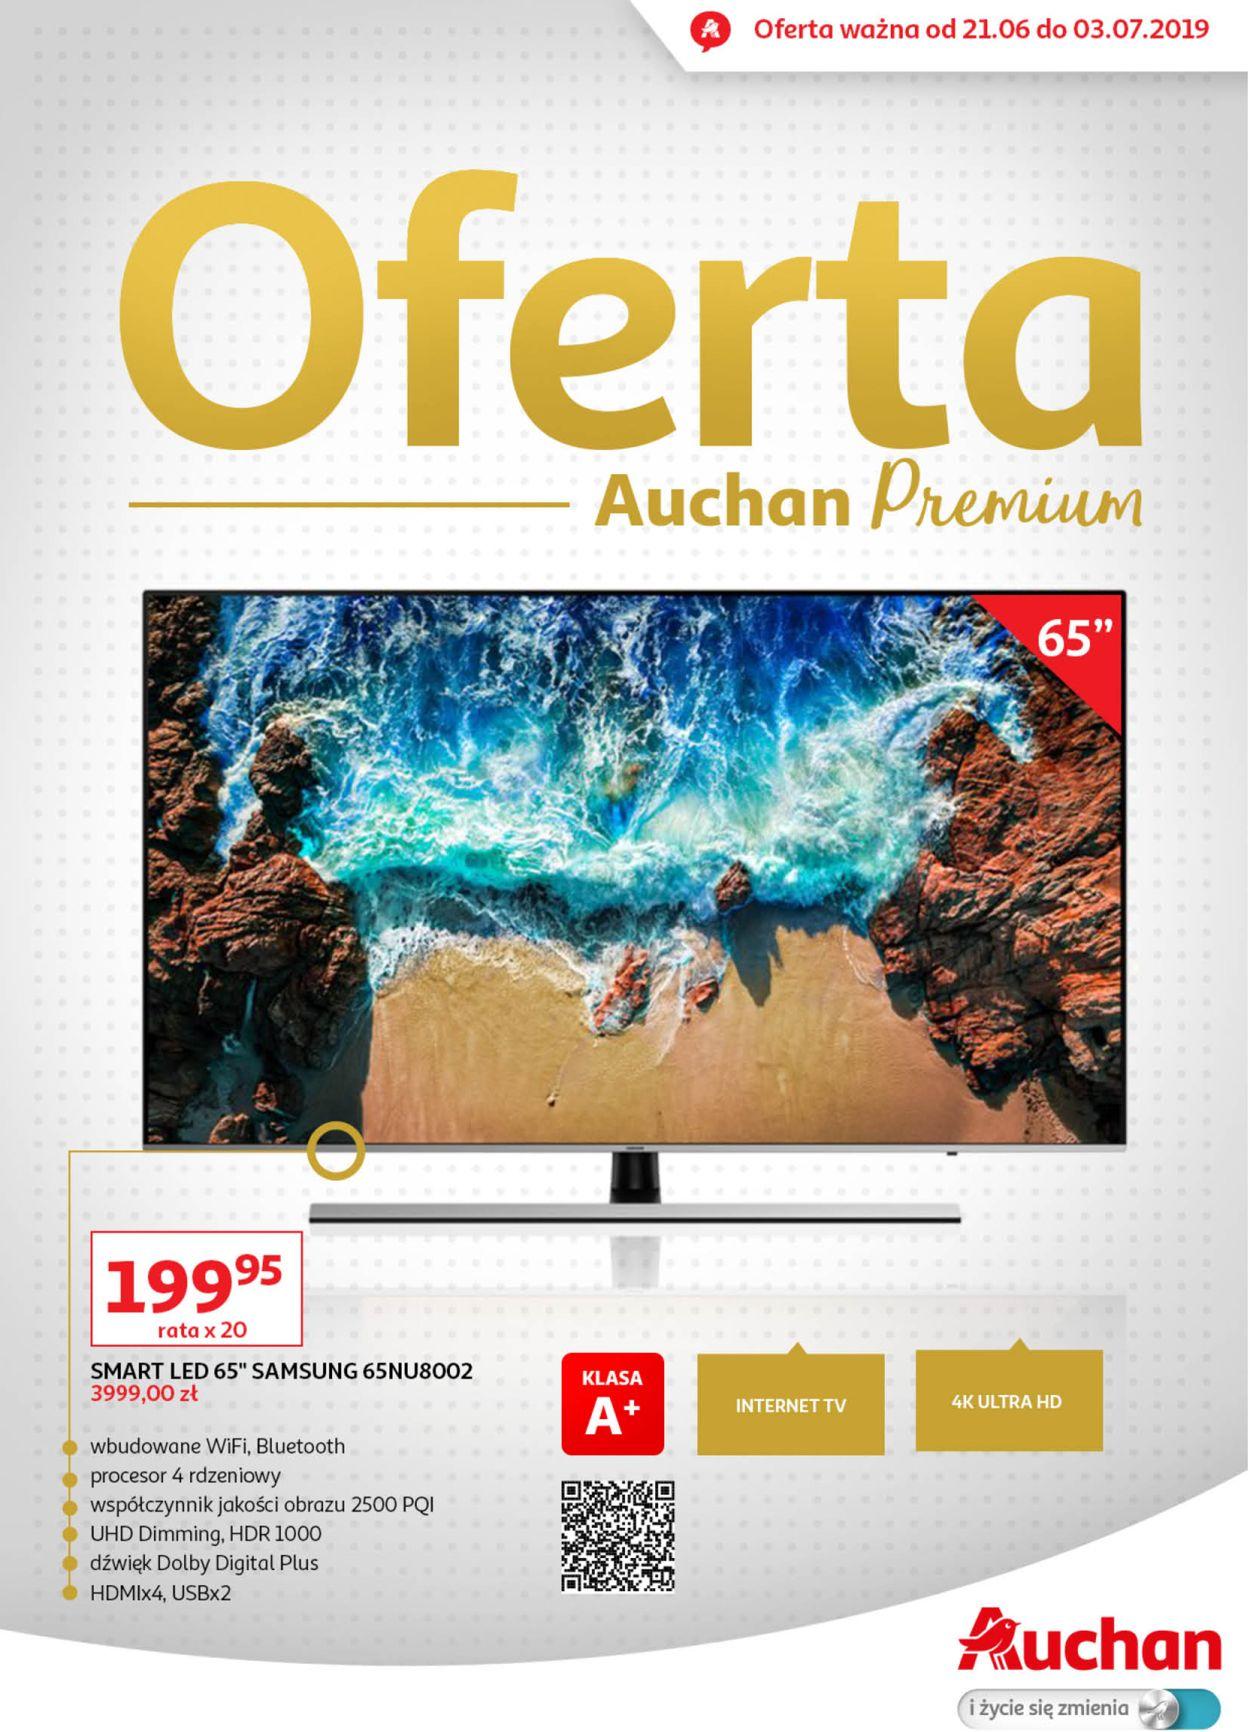 Gazetka promocyjna Auchan - 21.06-03.07.2019